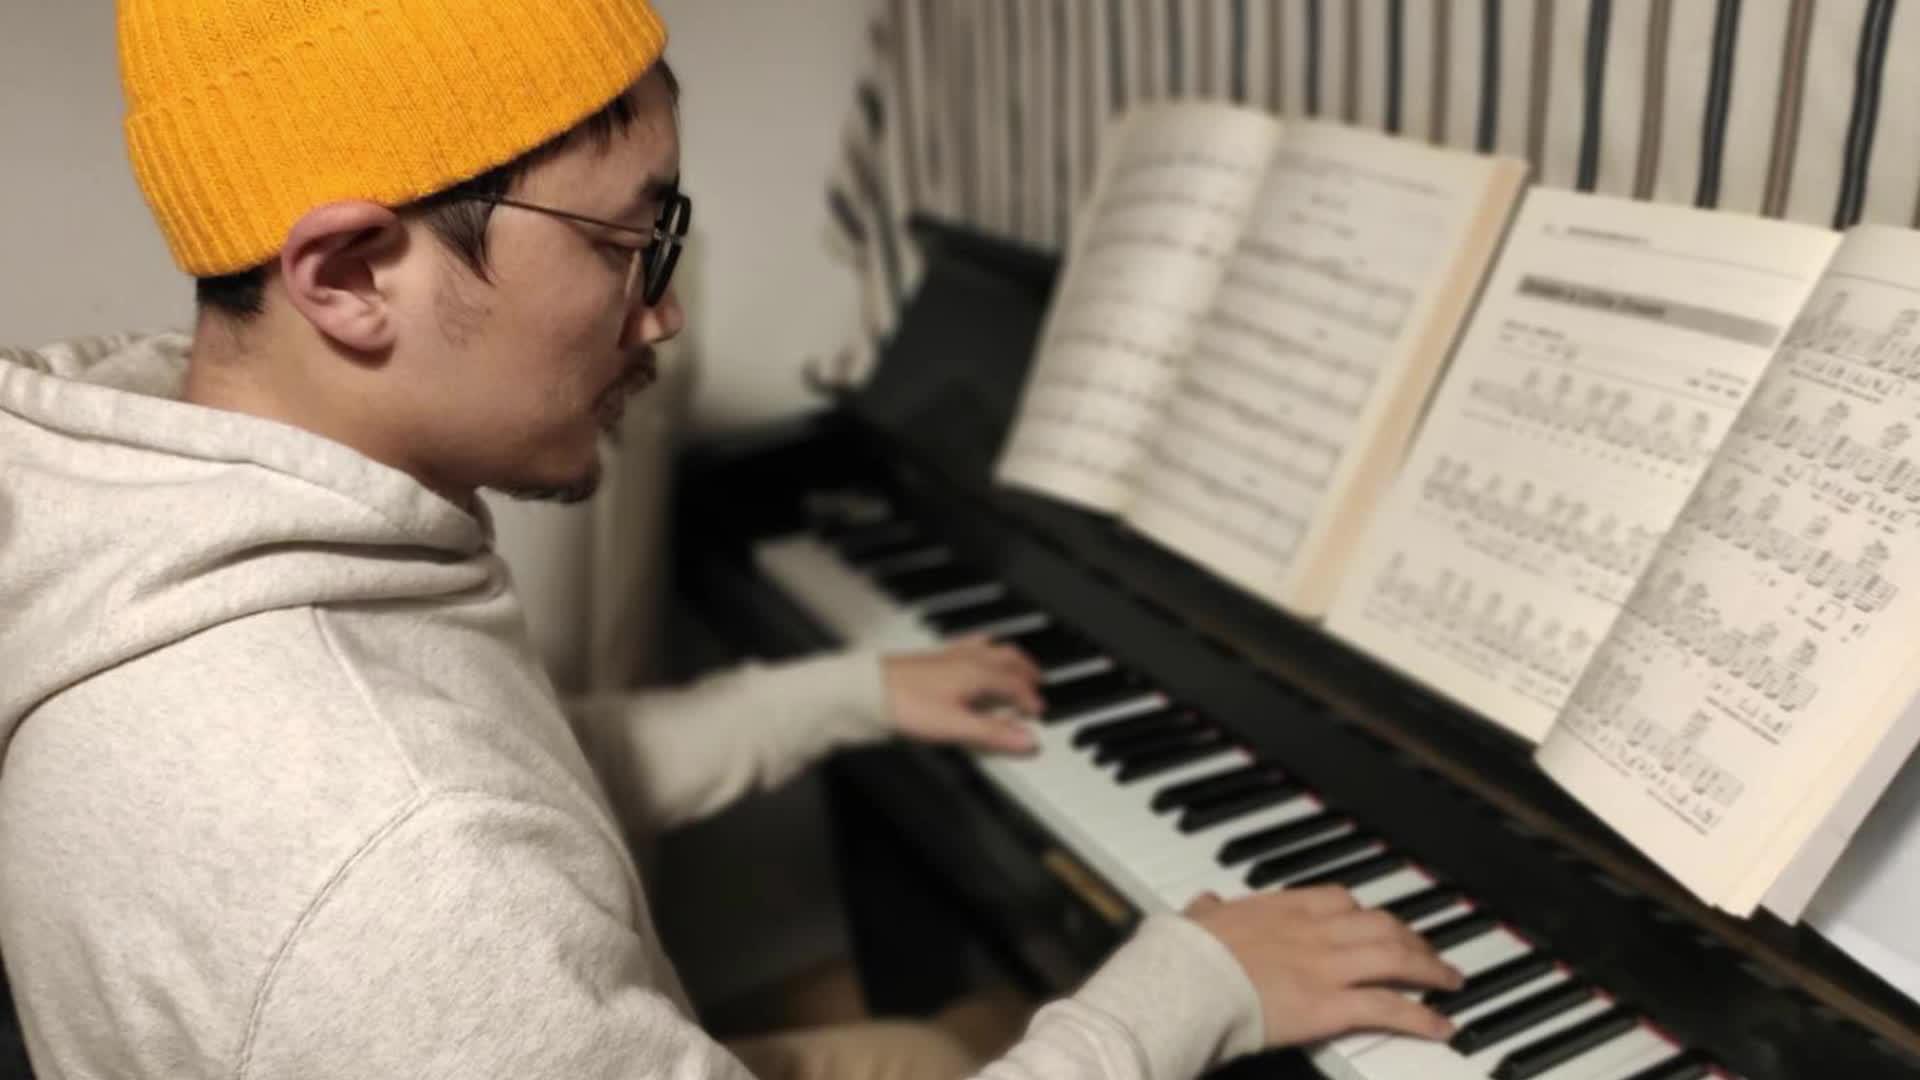 """【疫情之下有真情】川传教师原创歌曲《相信》为战""""疫""""加油鼓劲"""